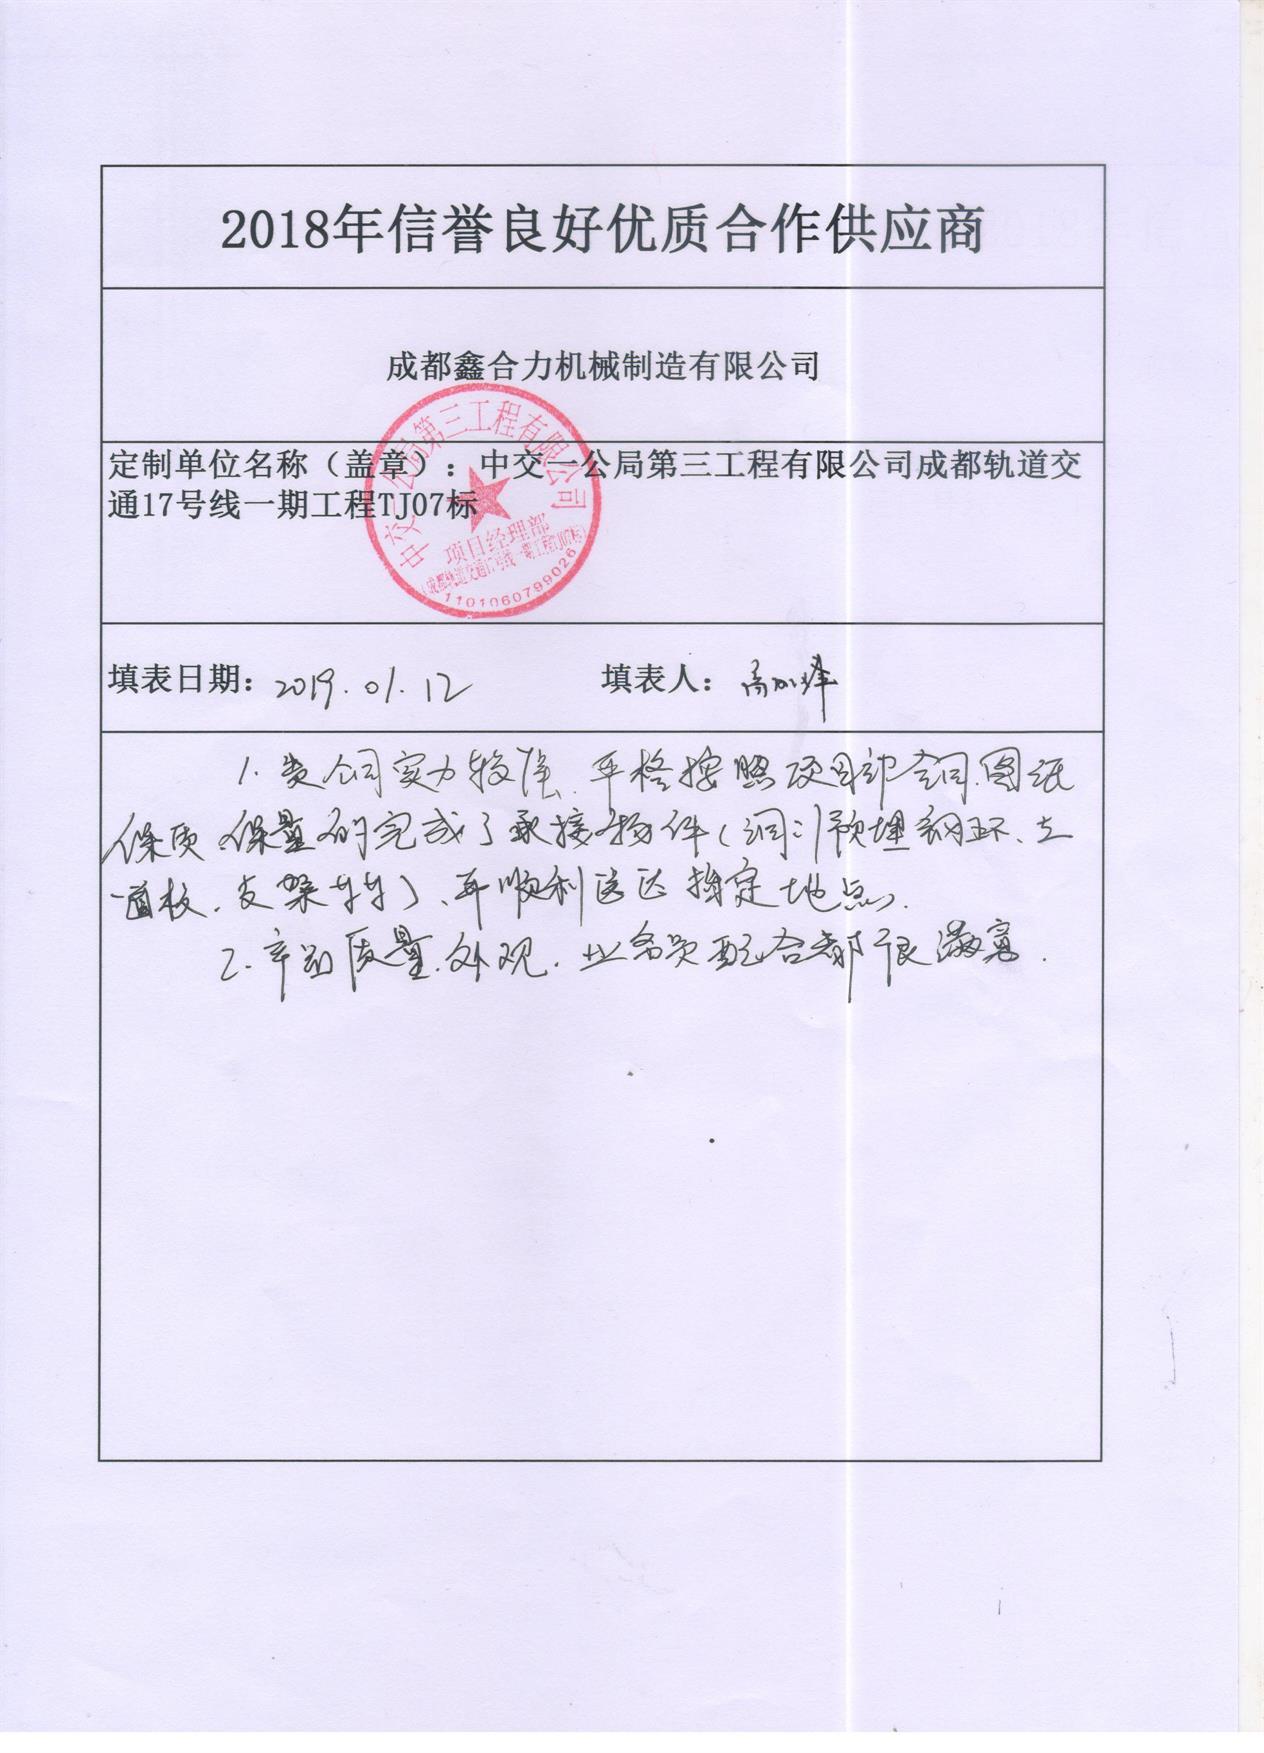 中交一公局第三工程有限公司優質供應商